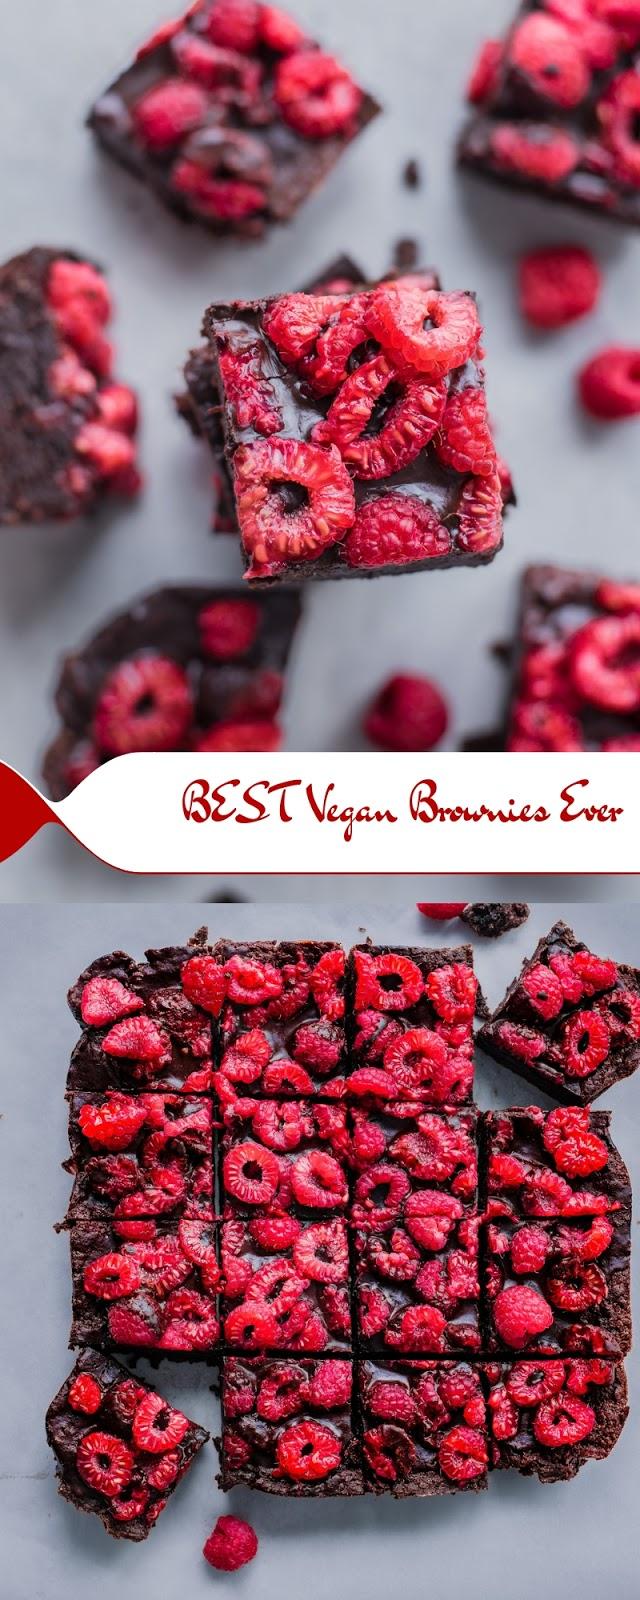 BEST Vegan Brownies Ever